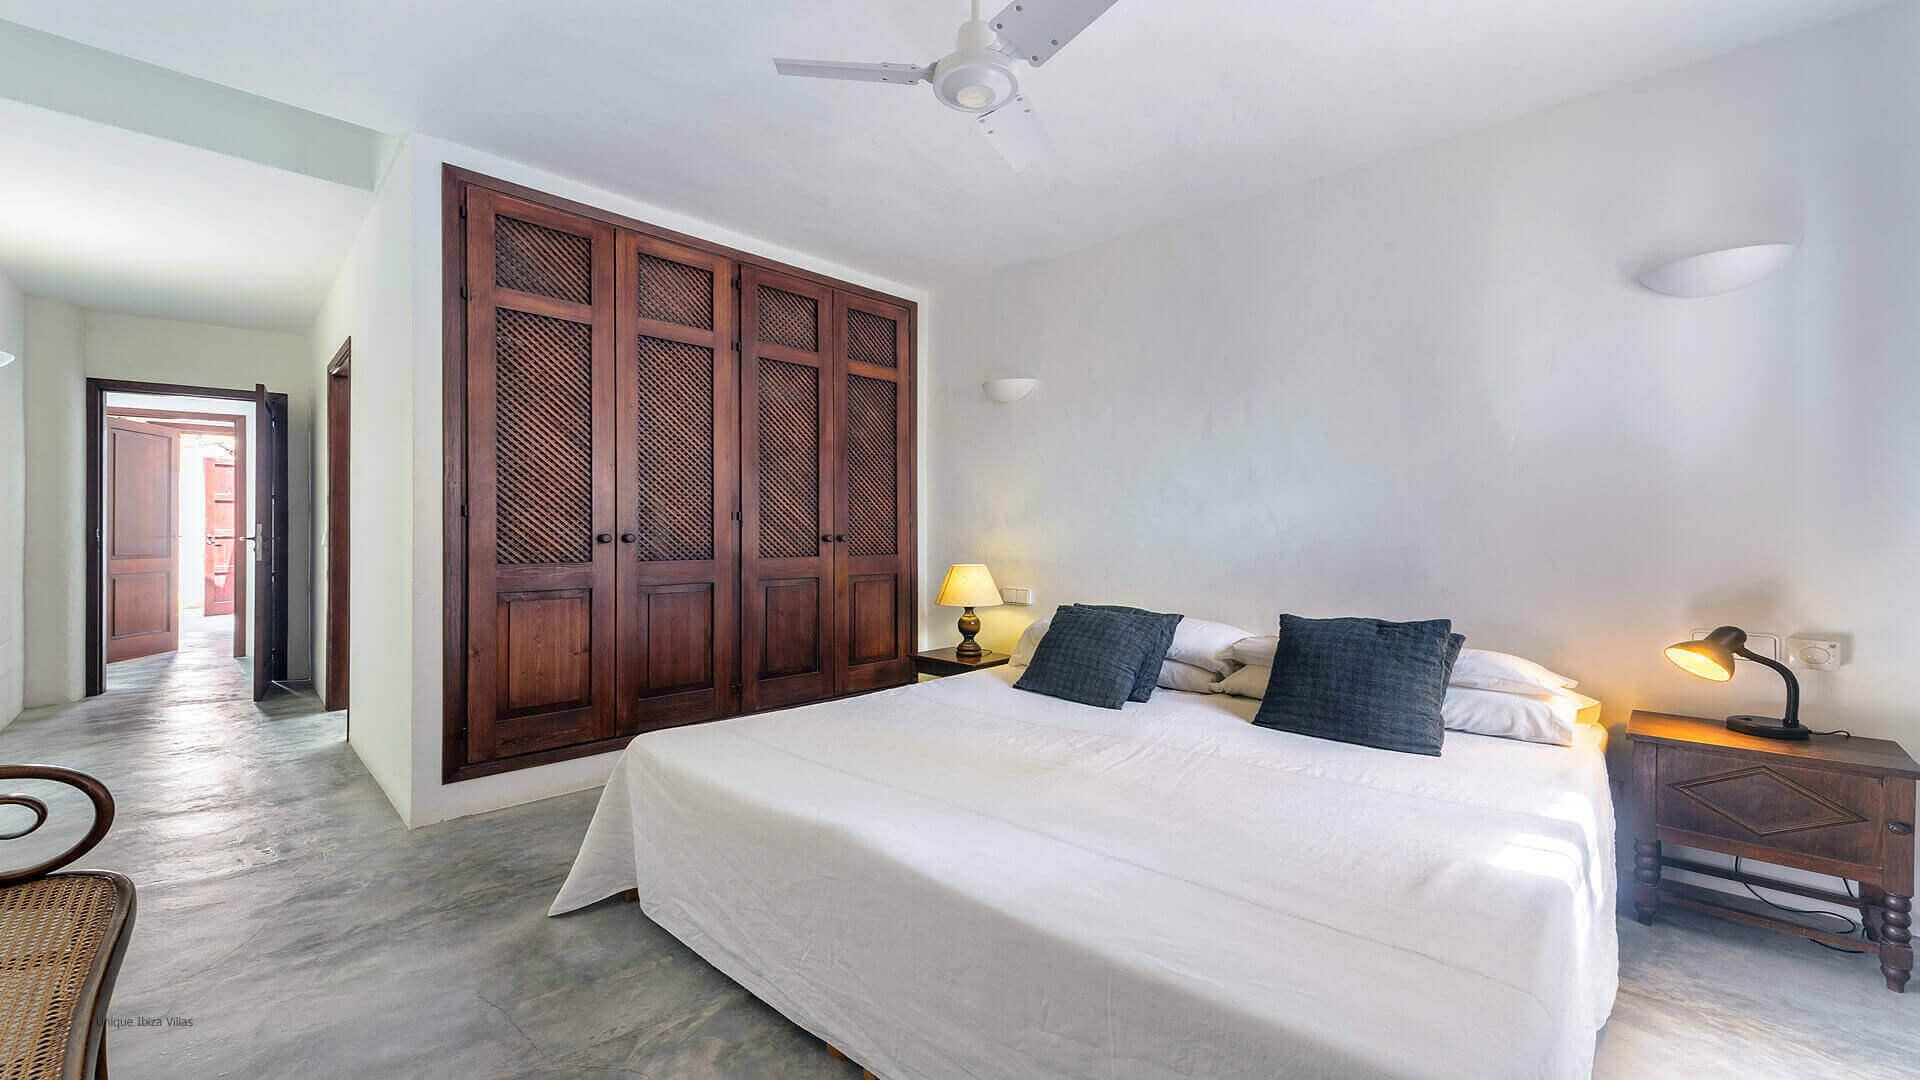 Villa Gilbert Ibiza 33 Bedroom 1